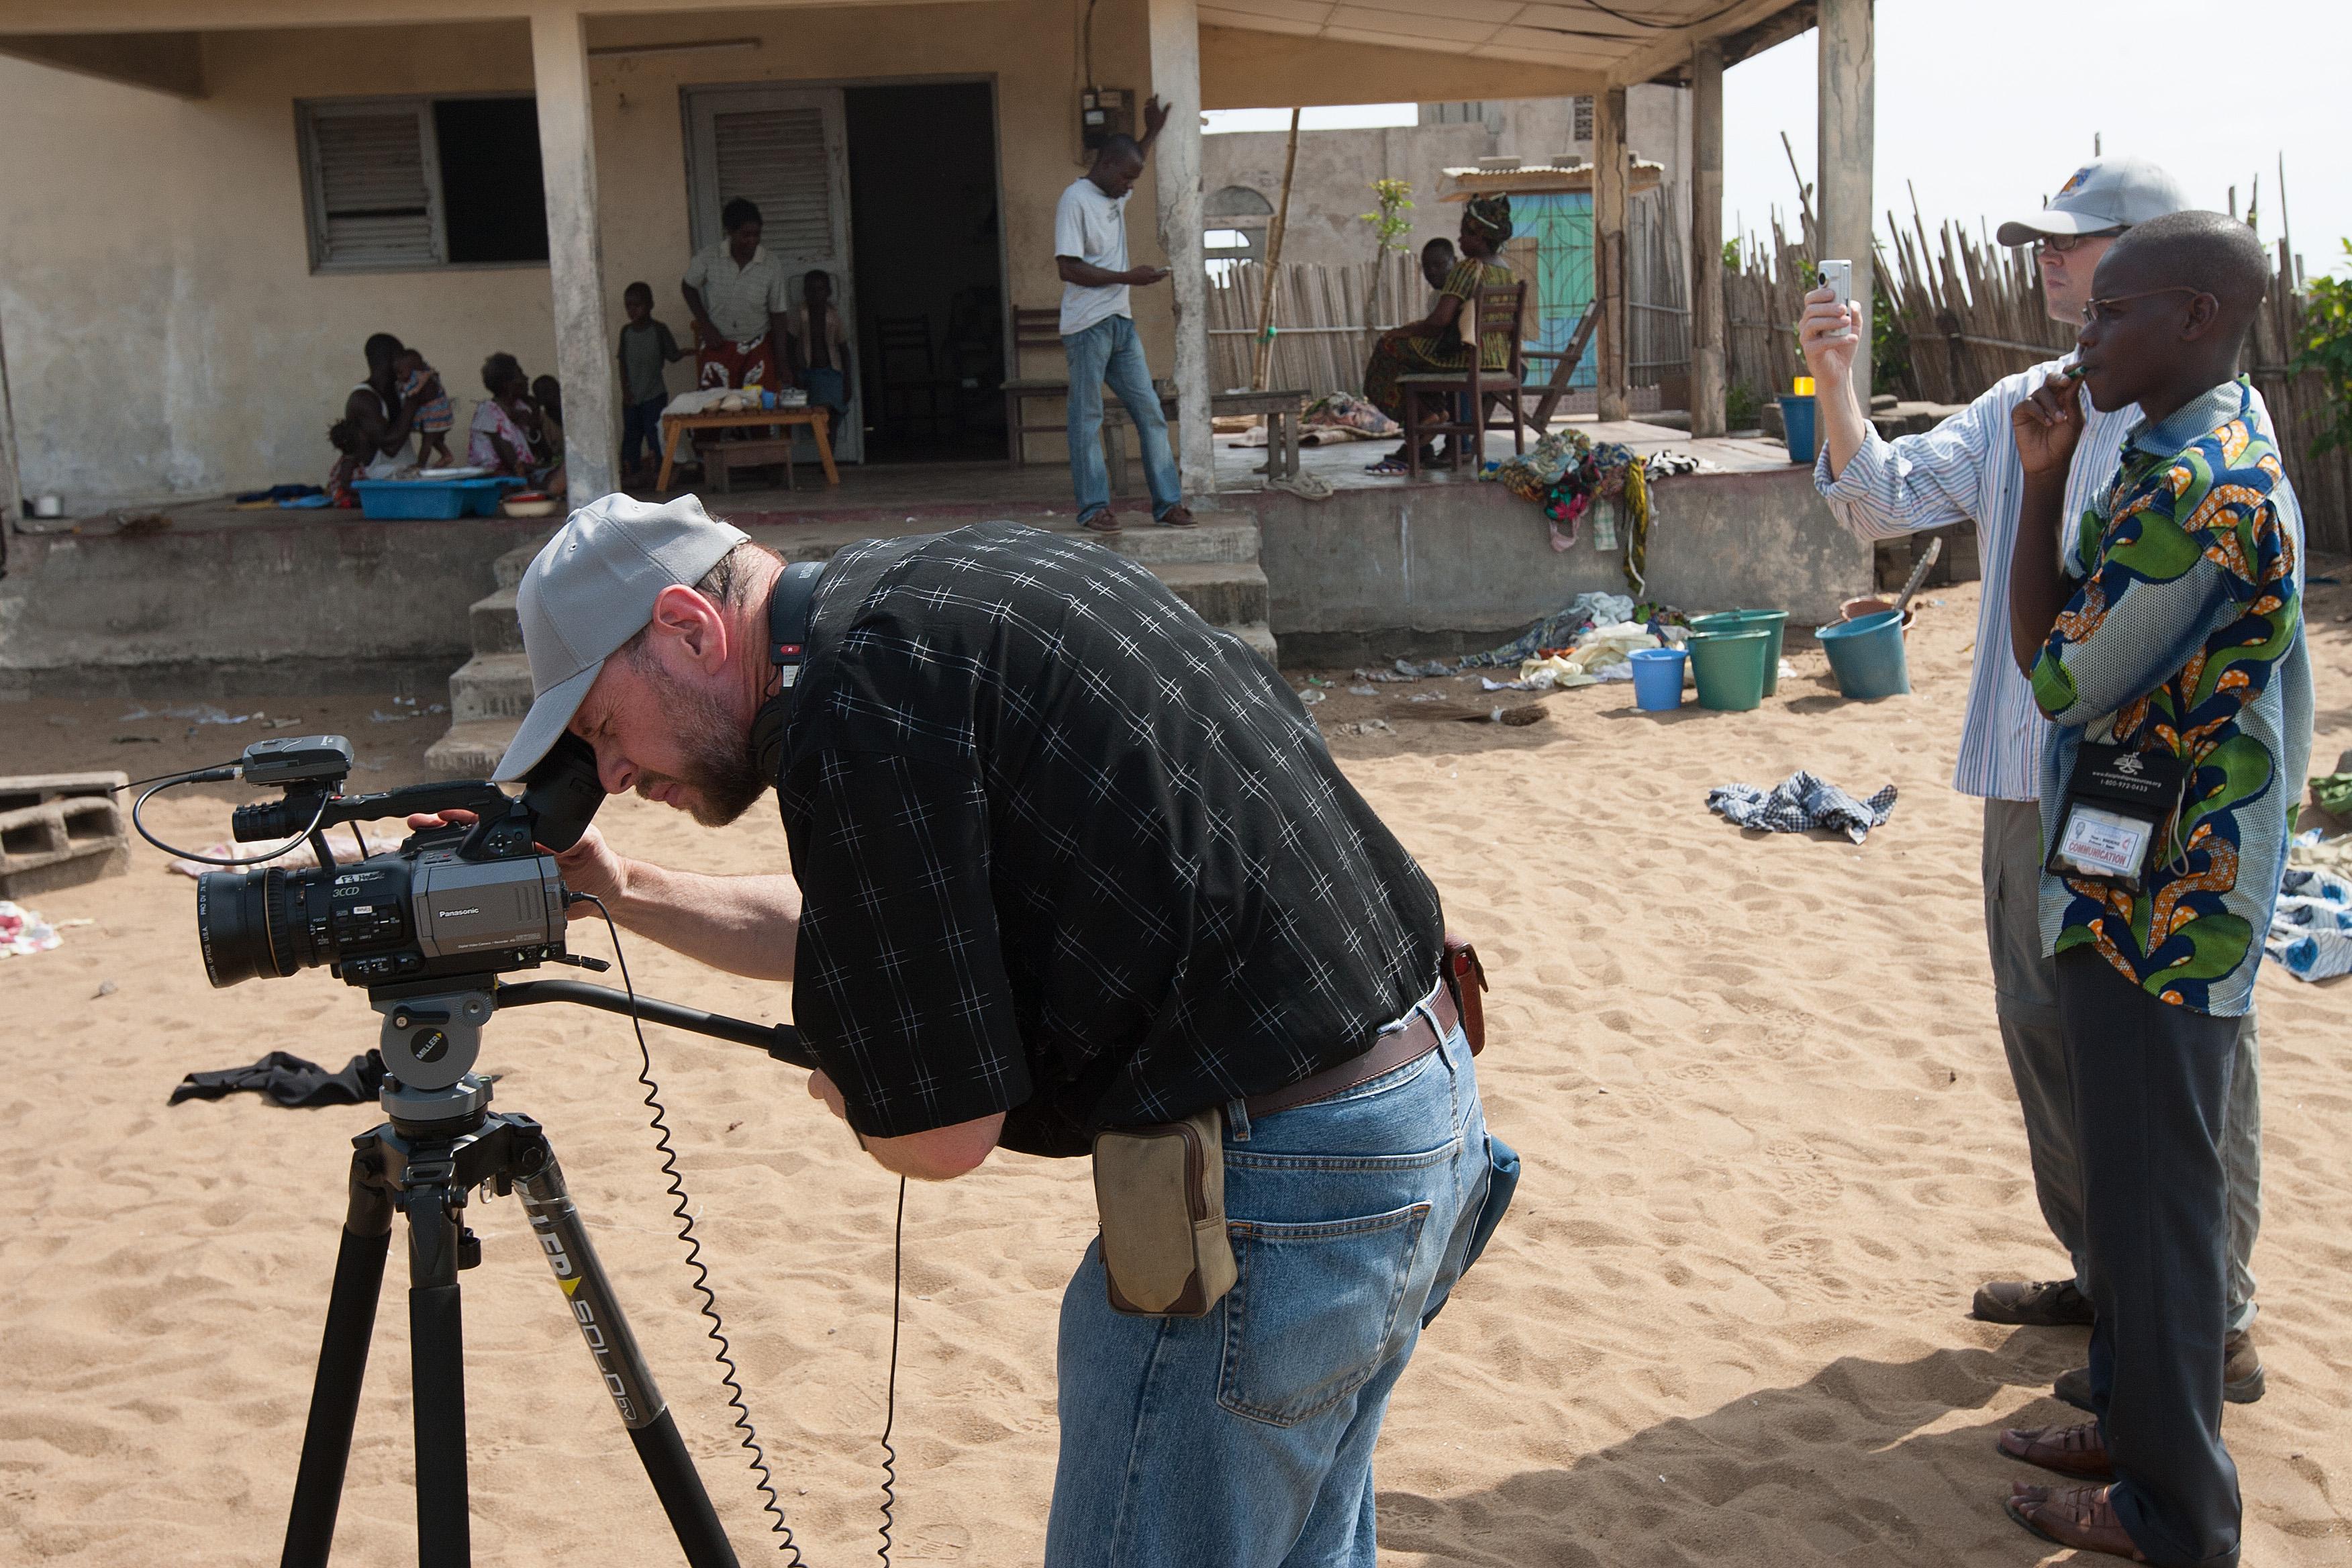 Côte d'Ivoire. A UMNS photo by Mike DuBose / UMC